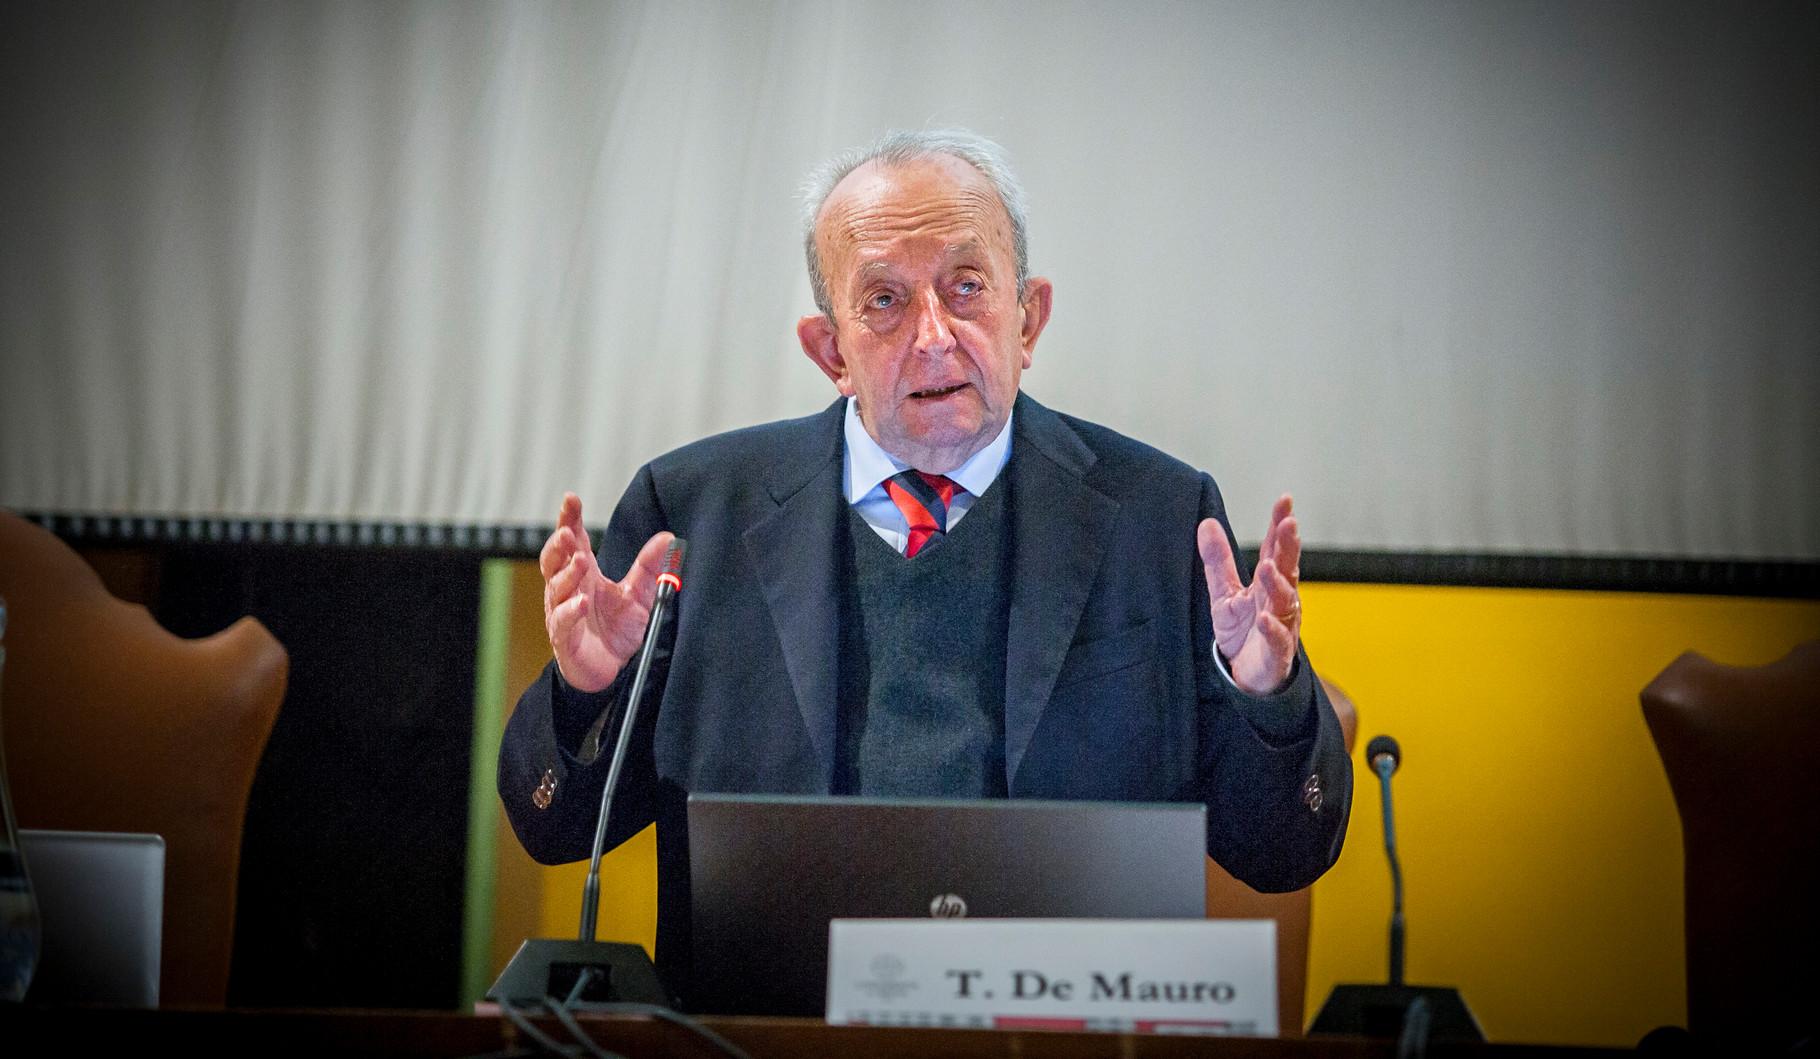 TULLIO DE MAURO. Linguista italiano e Ex ministro della Pubblica Istruzione.